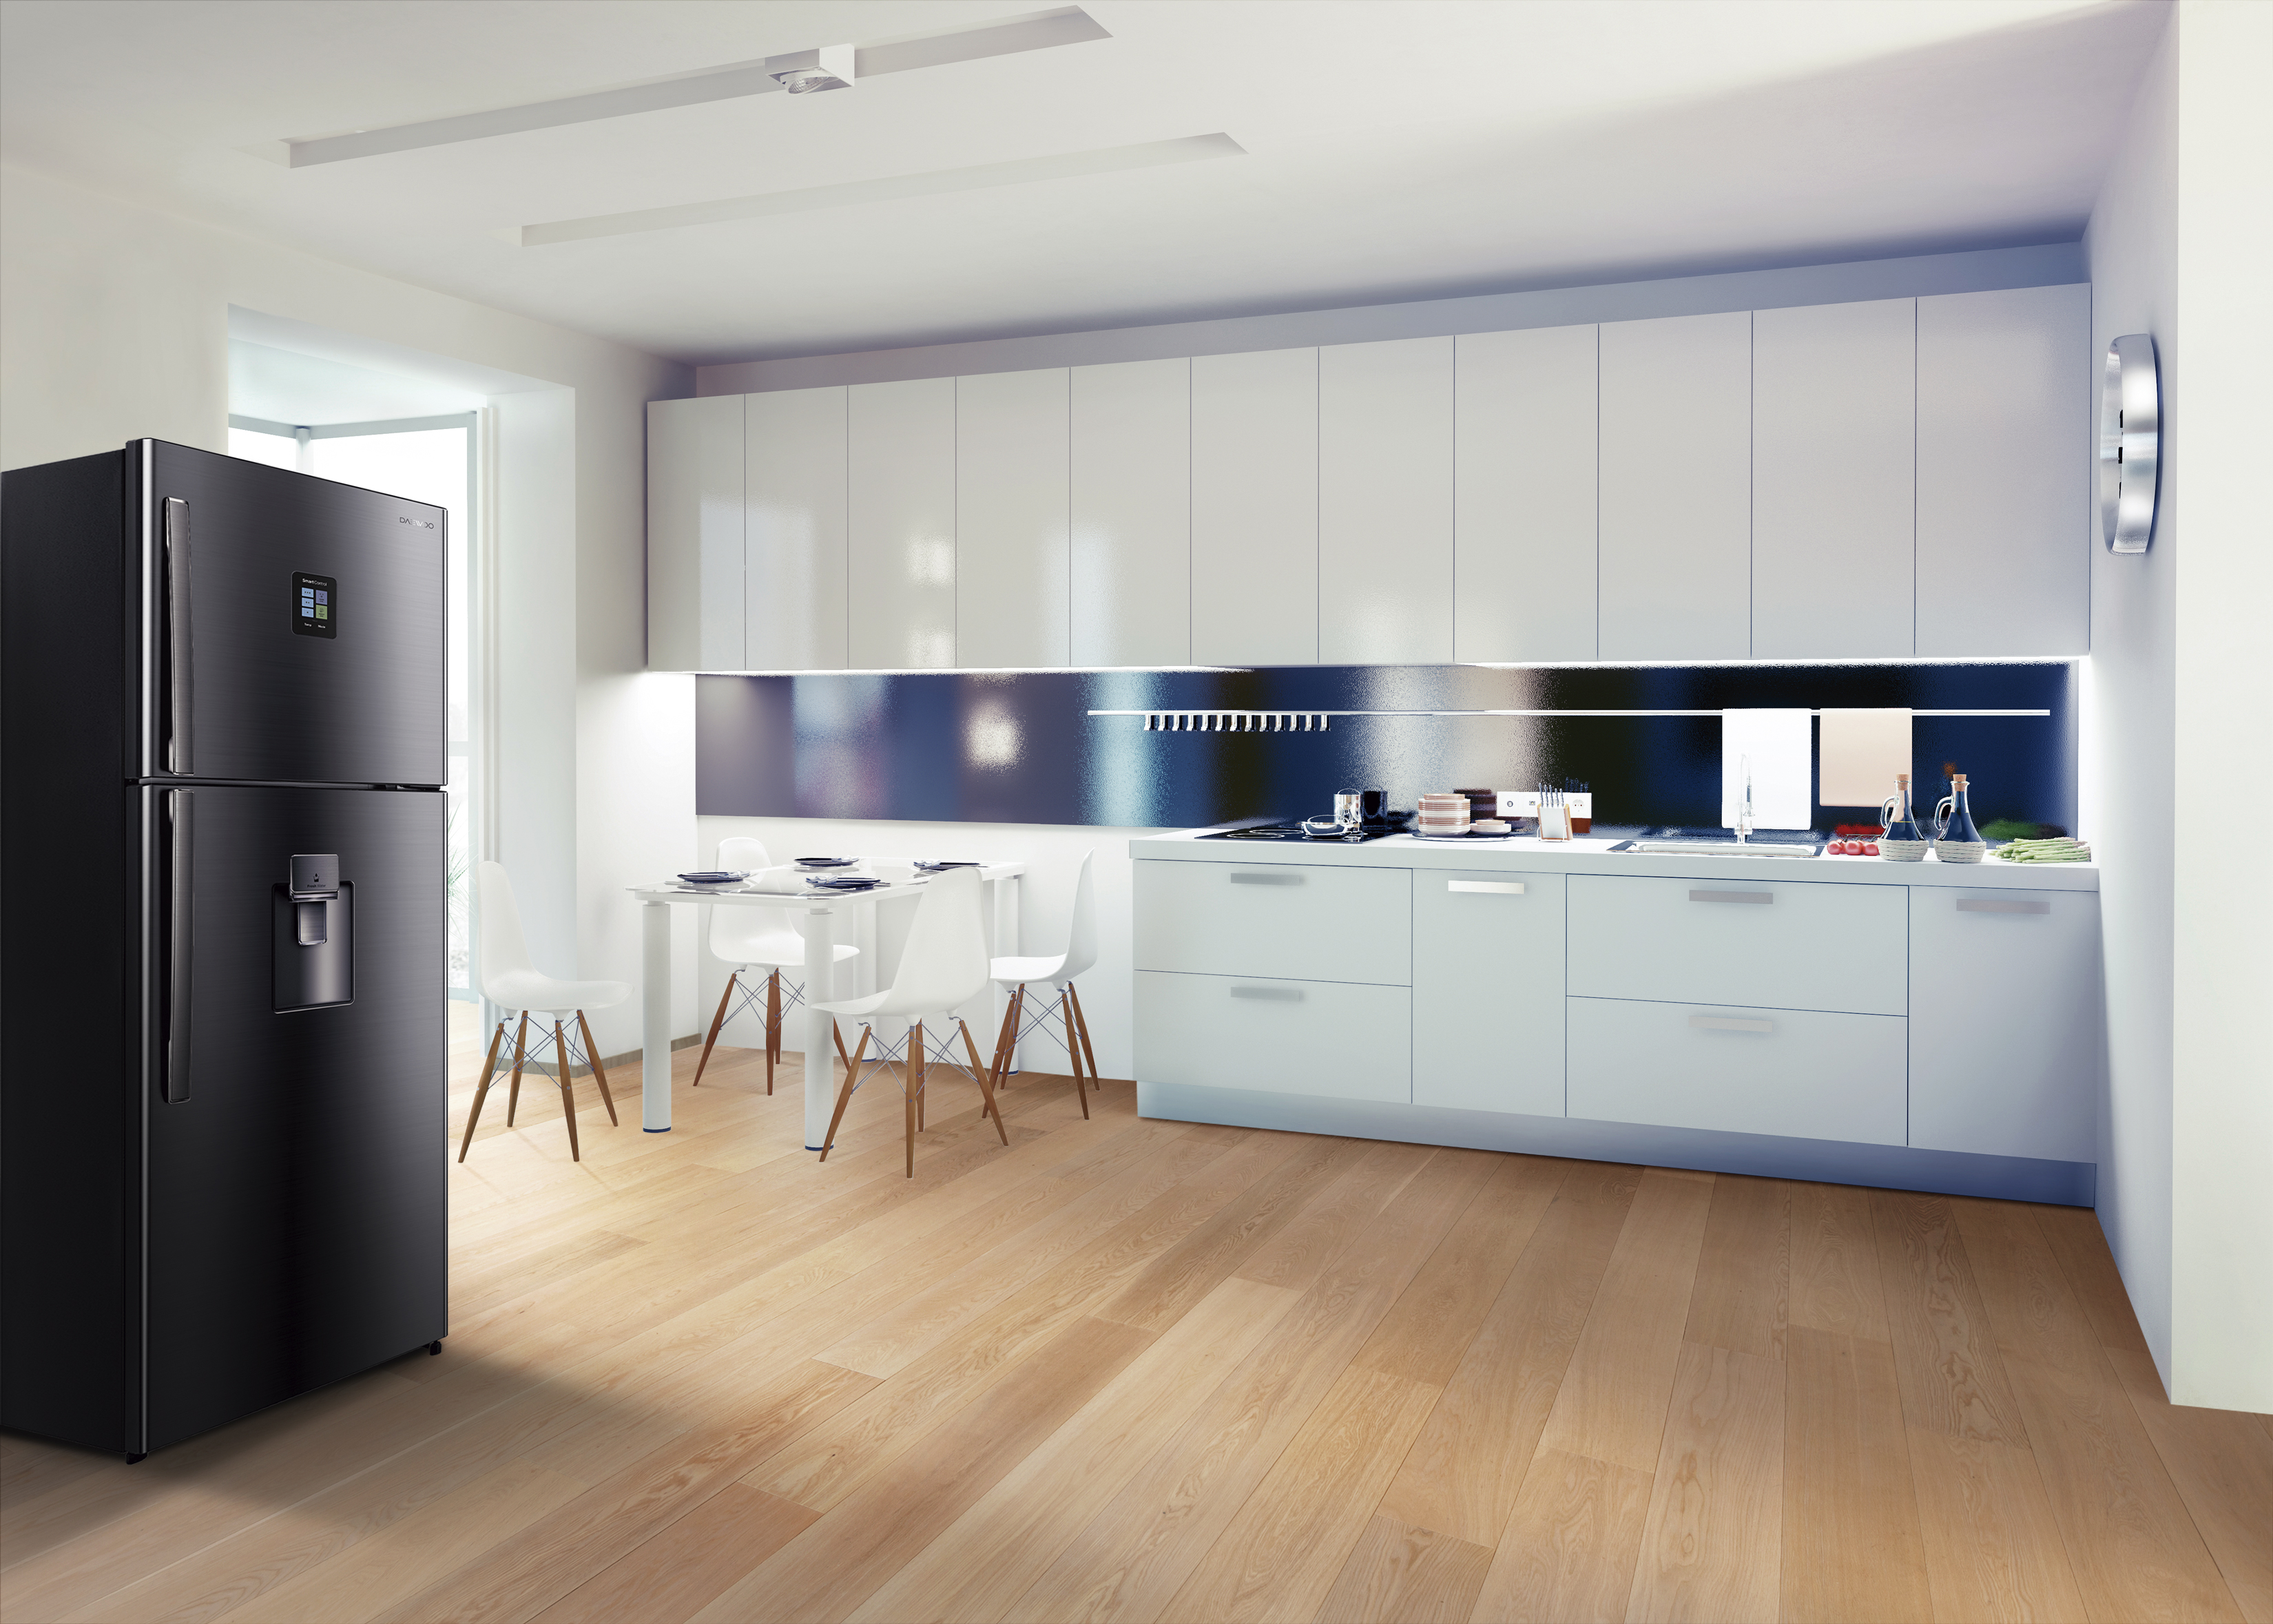 Jet Black Series Altas - Daewoo ofrece distinción y estética en nueva línea de electrodomésticos